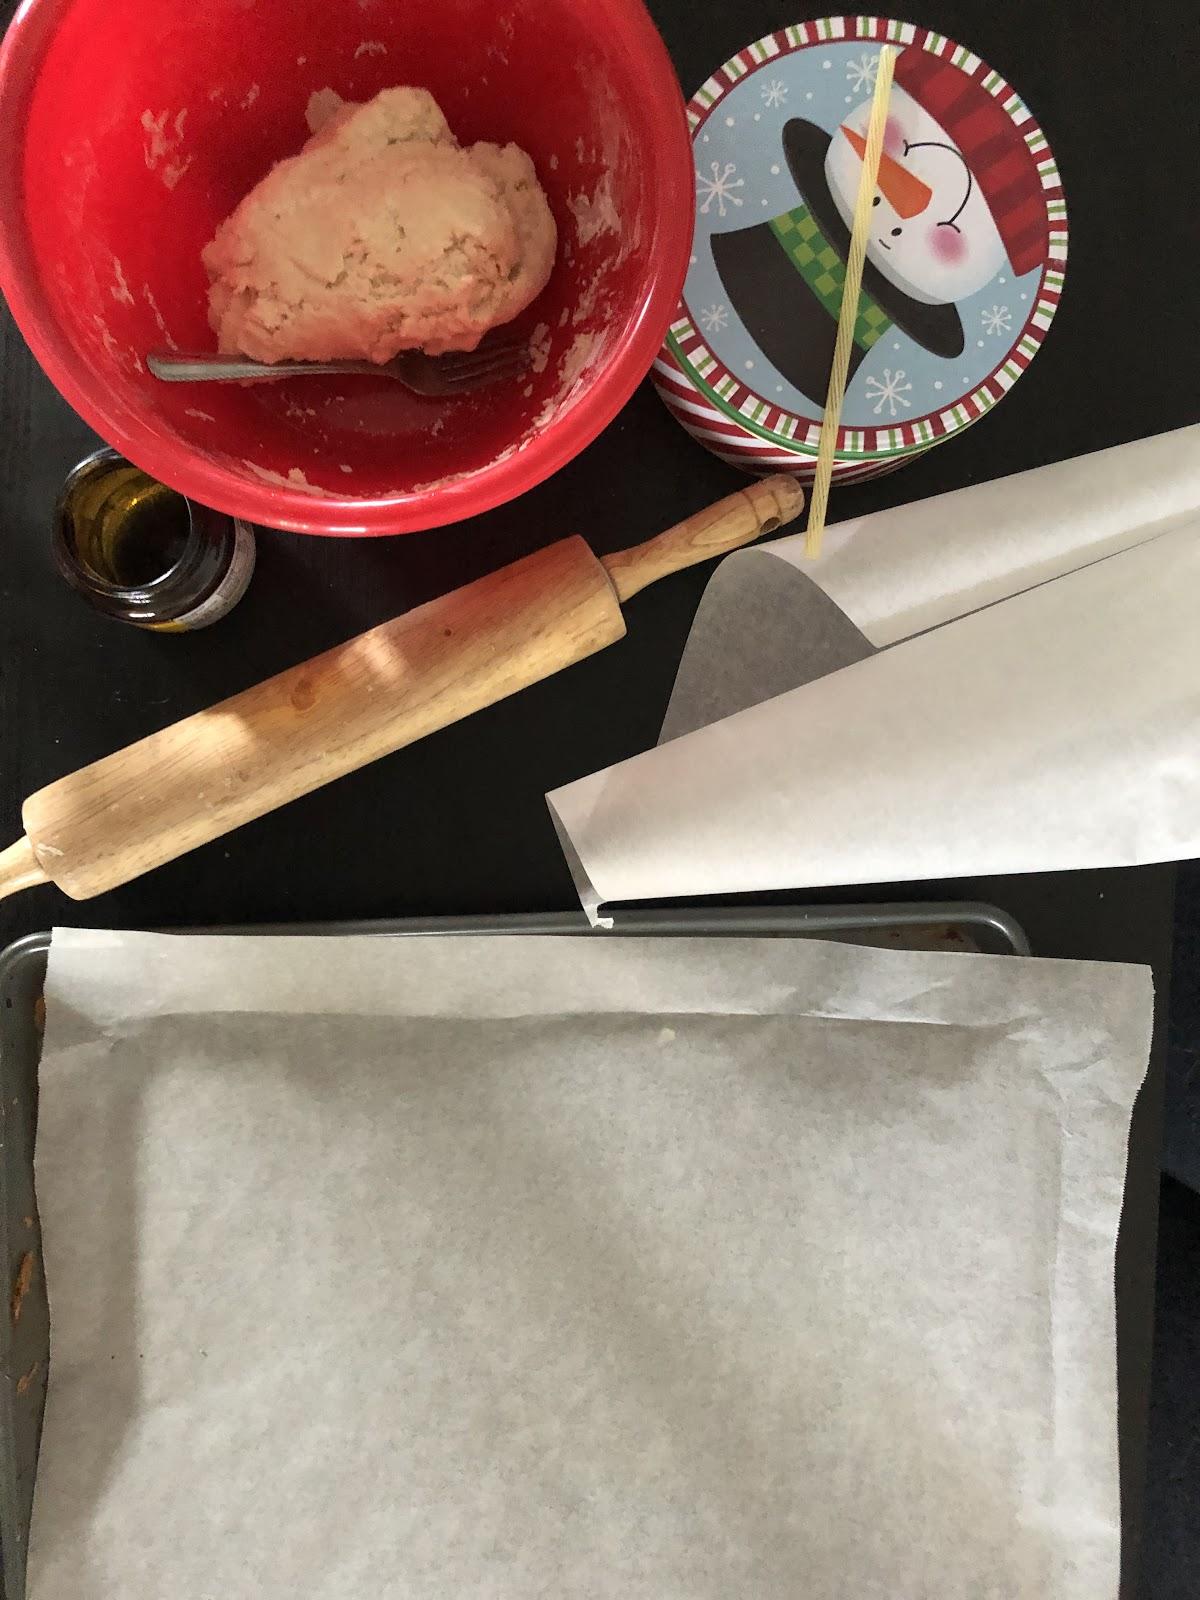 supplies to make salt dough